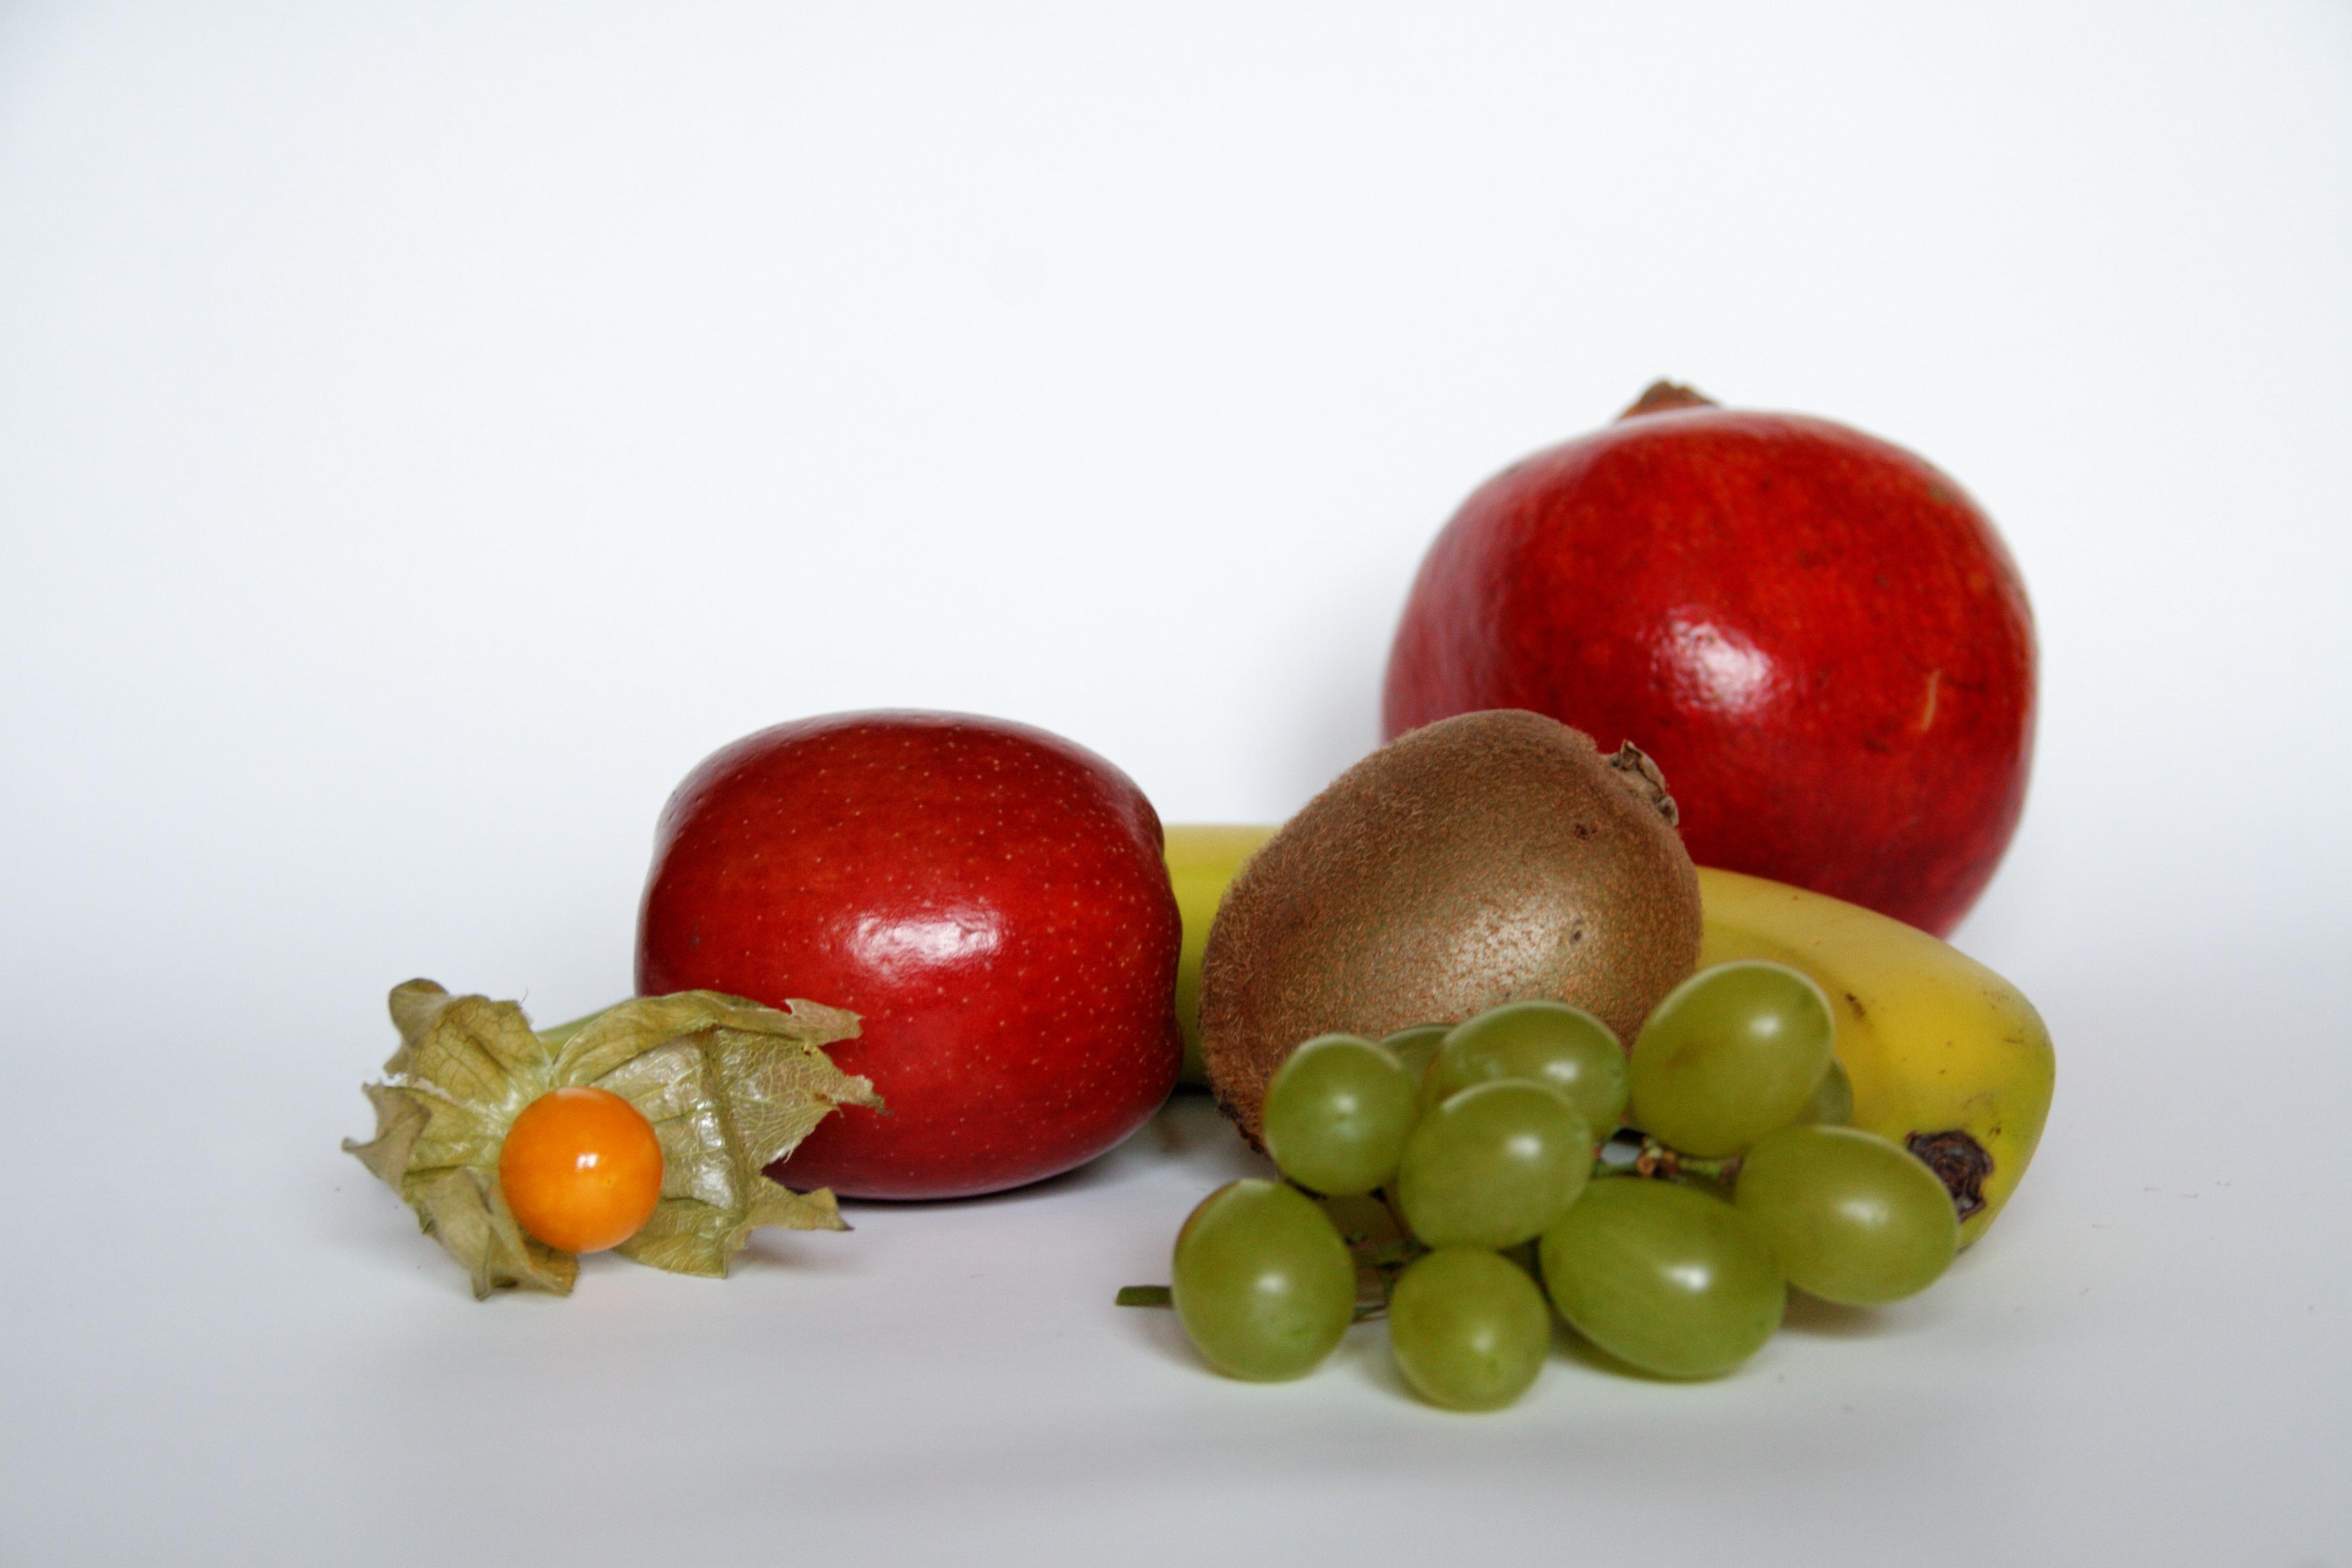 Fotoğraf Elma Meyve Olgun Gıda Kırmızı üretmek Sebze Muz